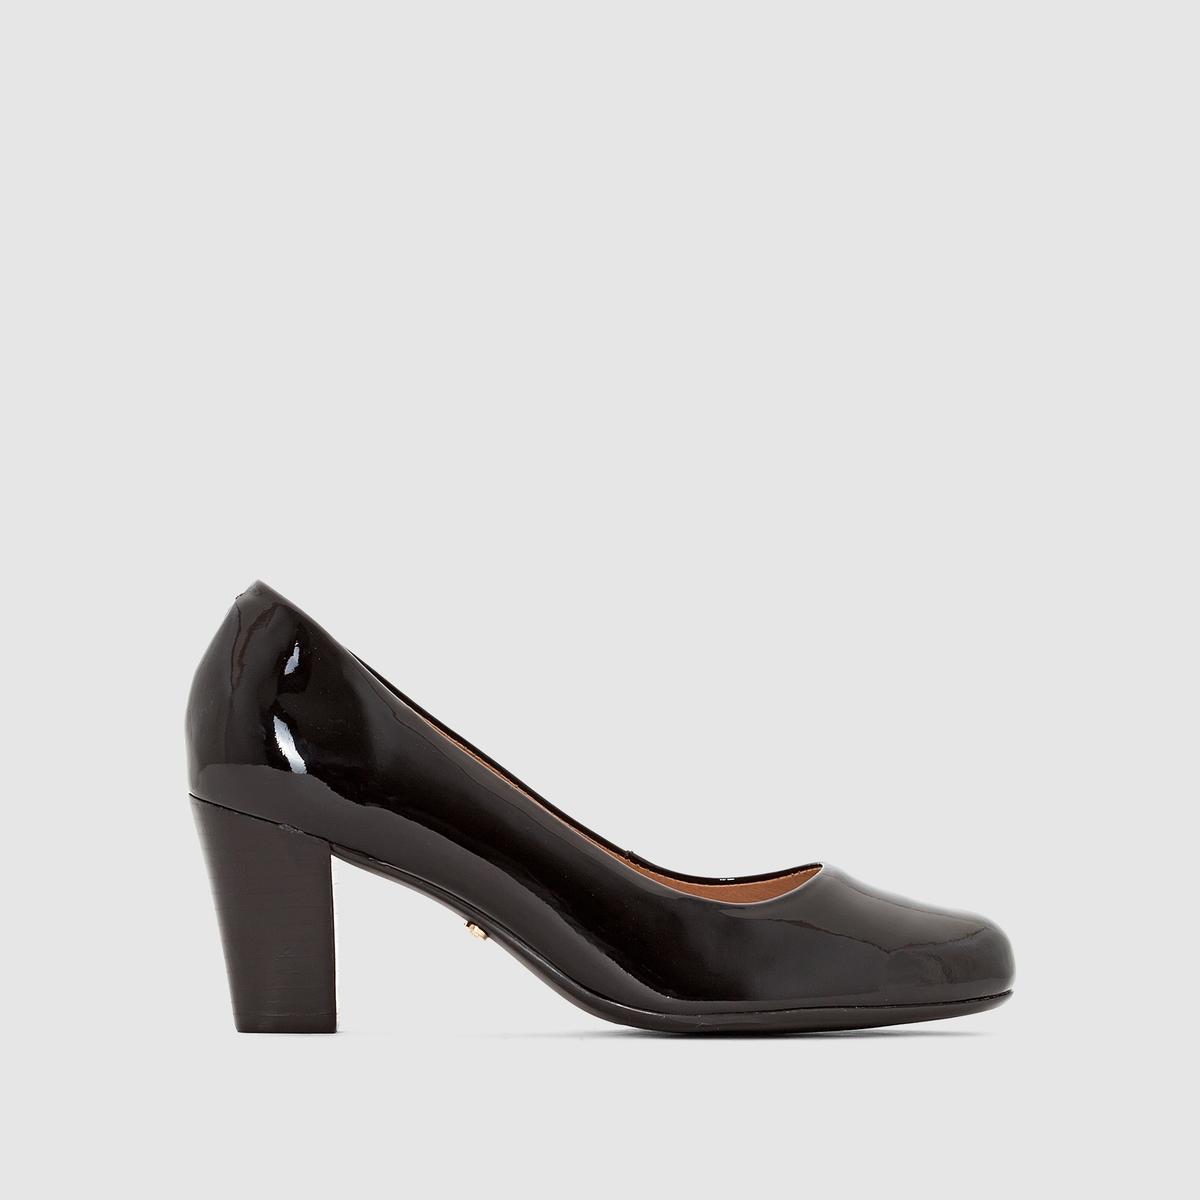 Туфли лакированные кожаные Alegria batman hush